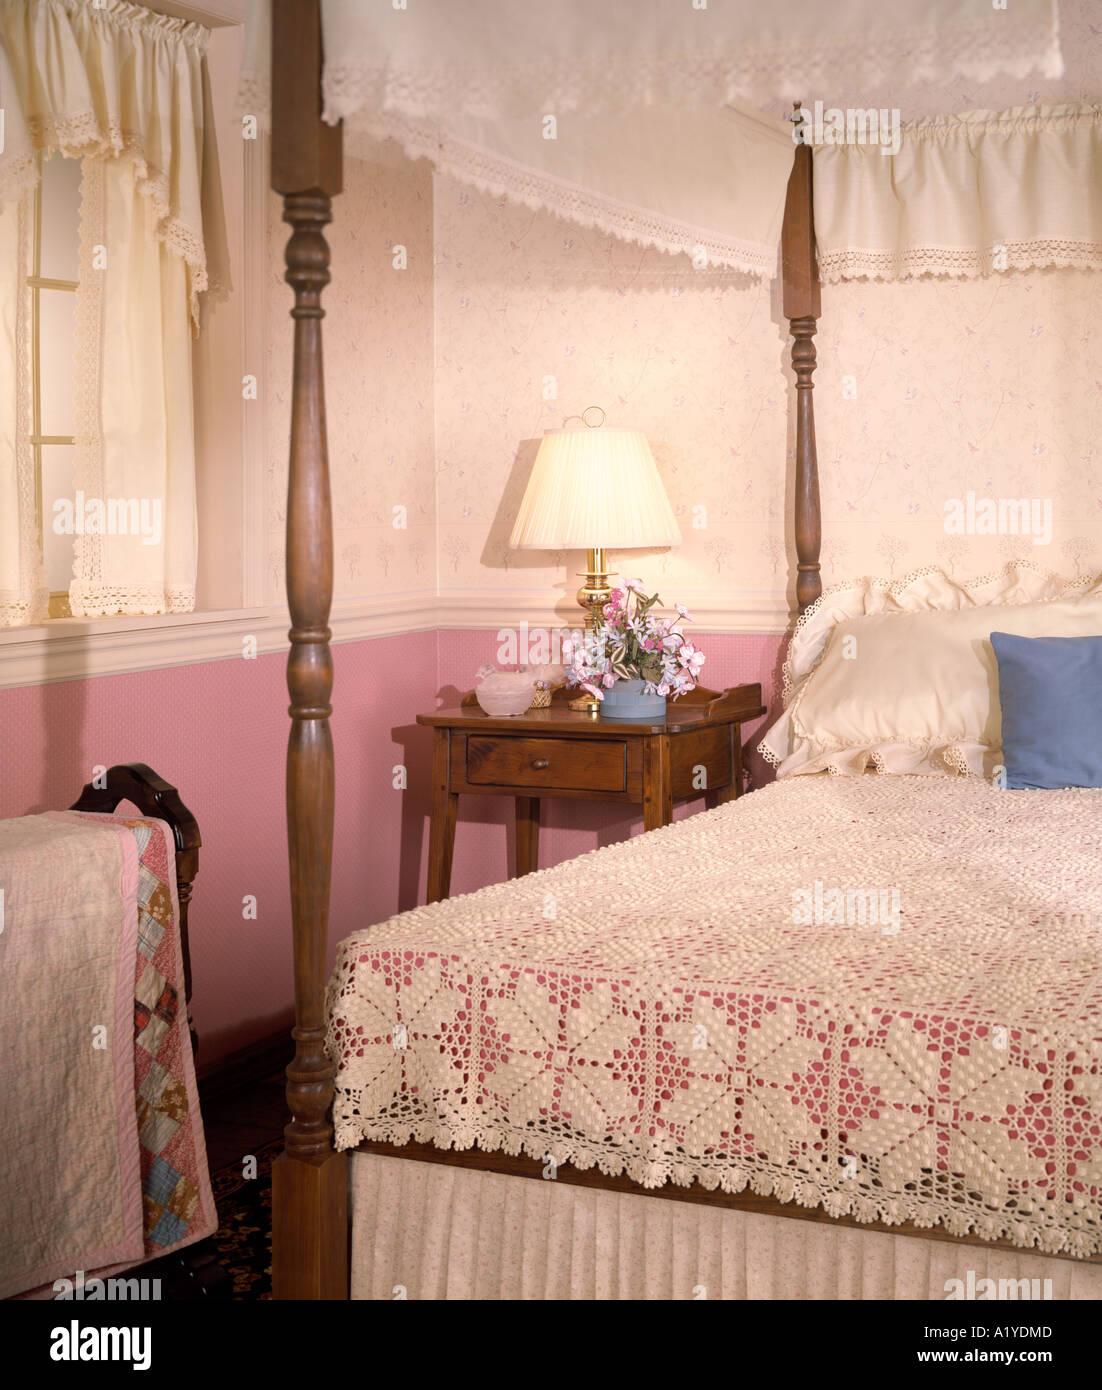 Vier Poster Bett Schlafzimmer Spitze Gardinen Tagesdecke Lampe Nite Nachtstandplatz Blumen Kissen Stockfotografie Alamy